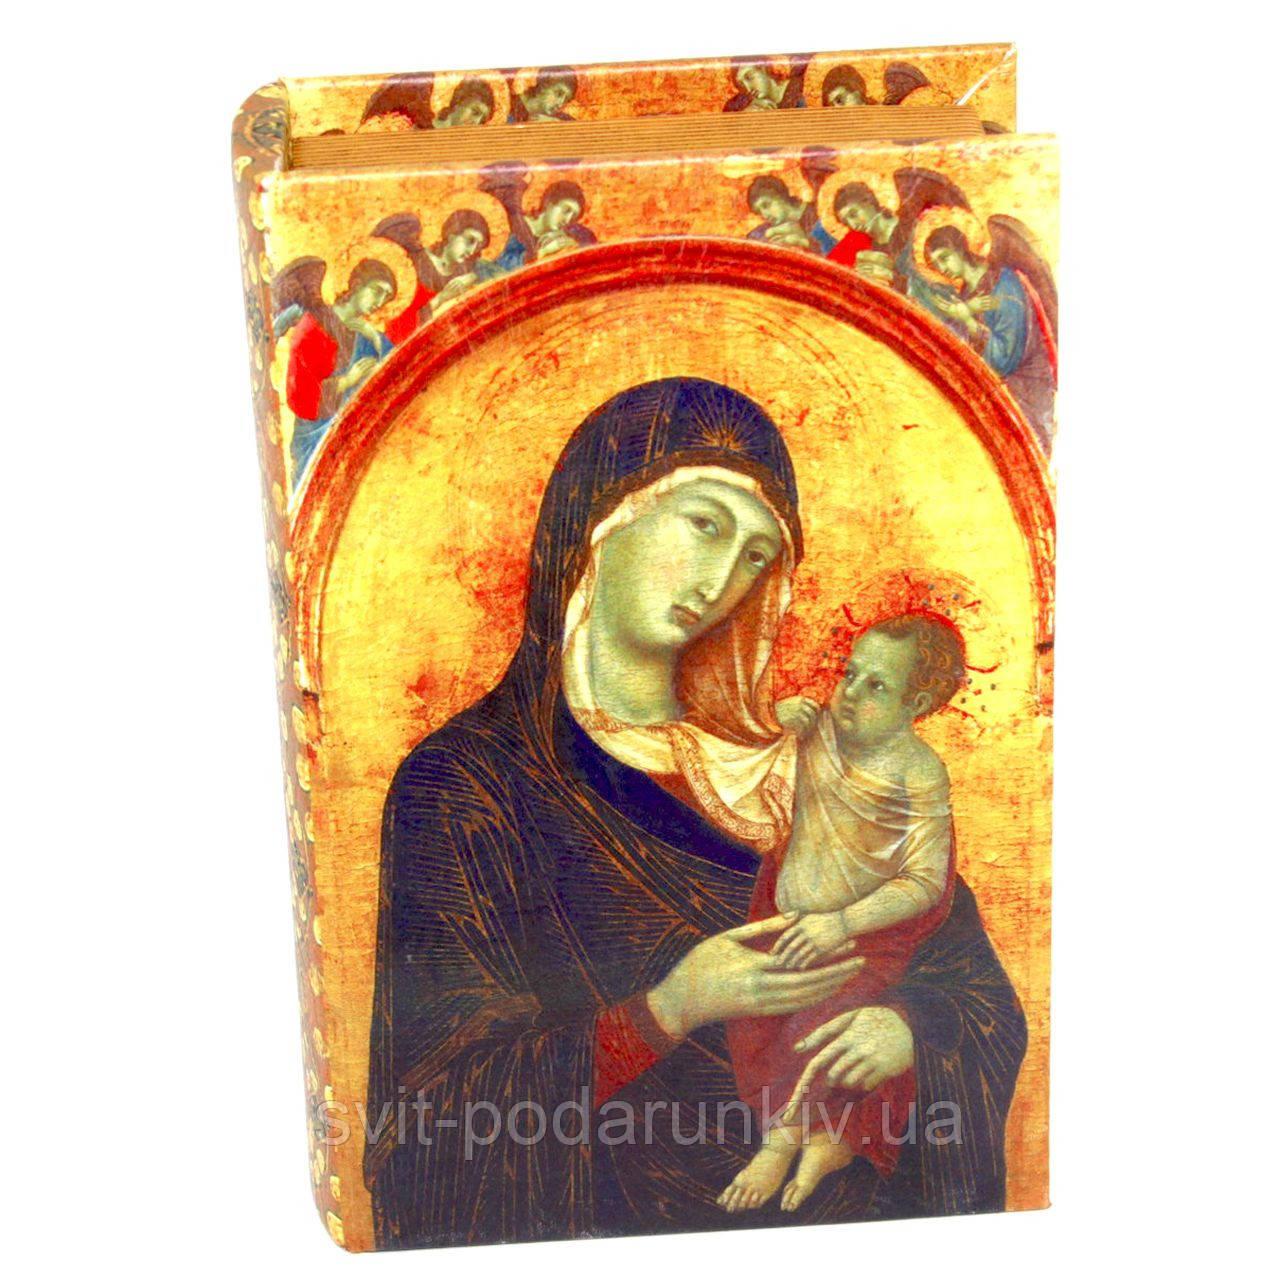 Шкатулка Книга Дева Мария